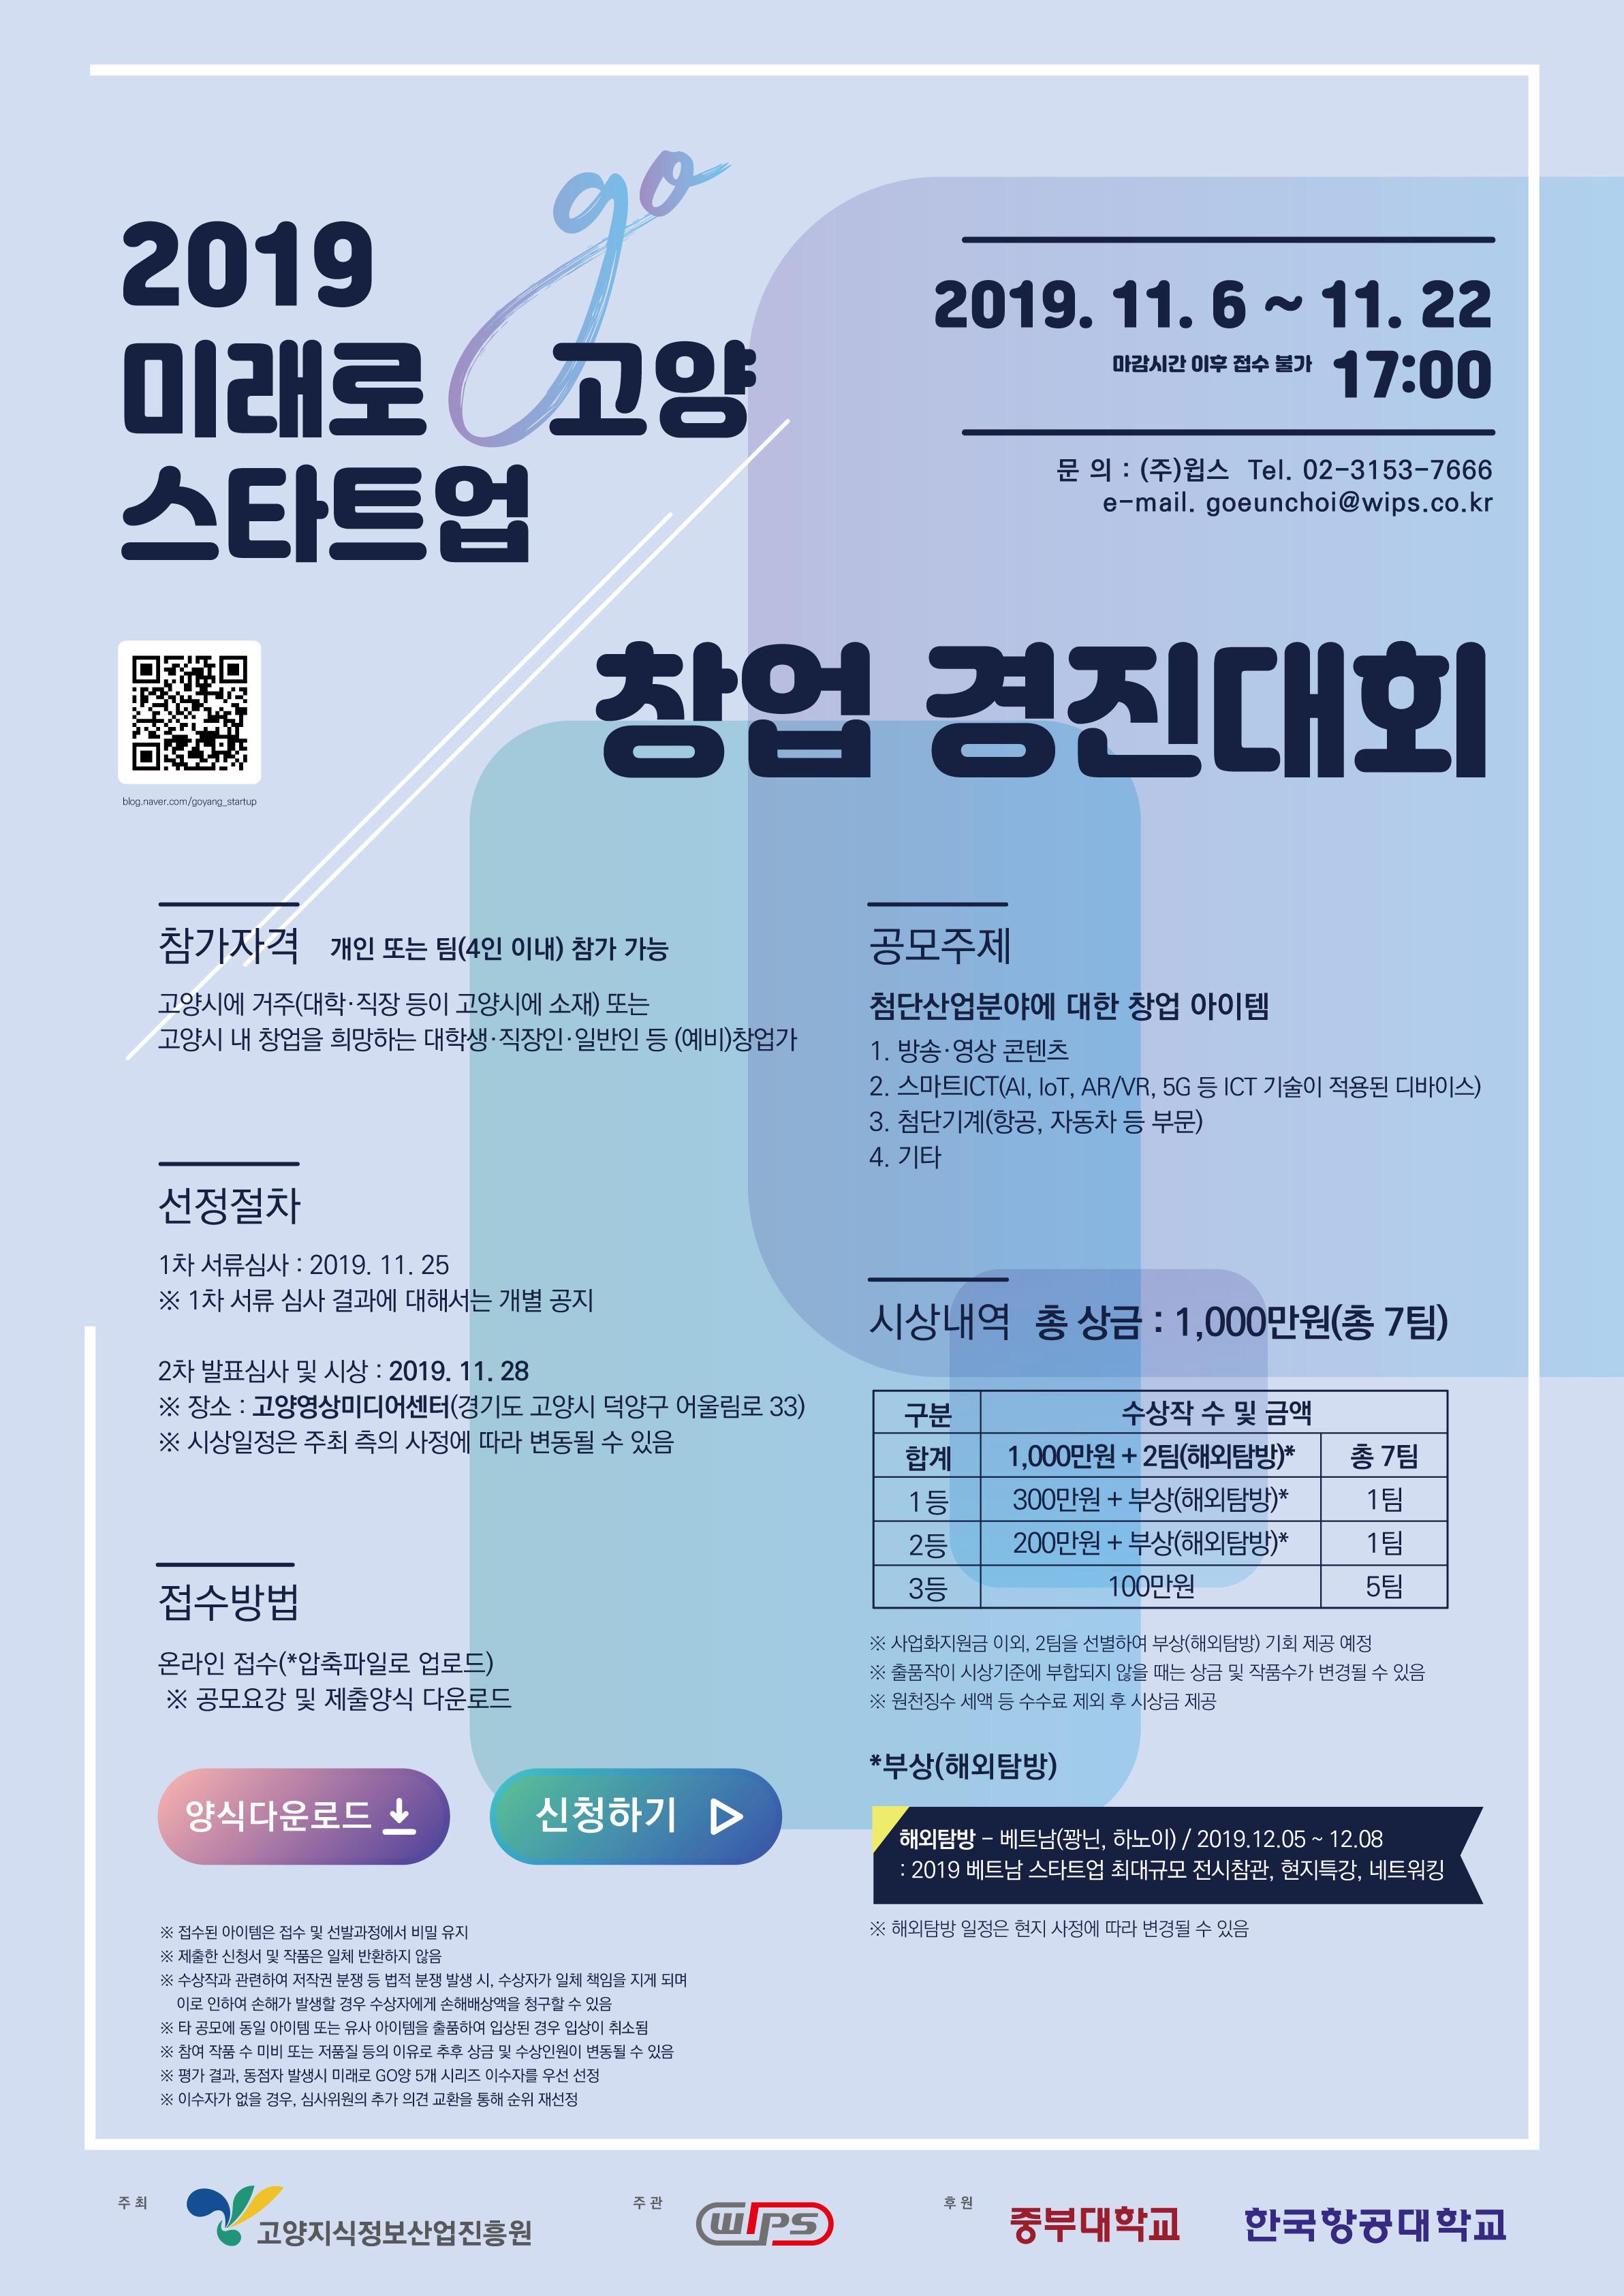 2019 미래로 Go양 창업 경진대회